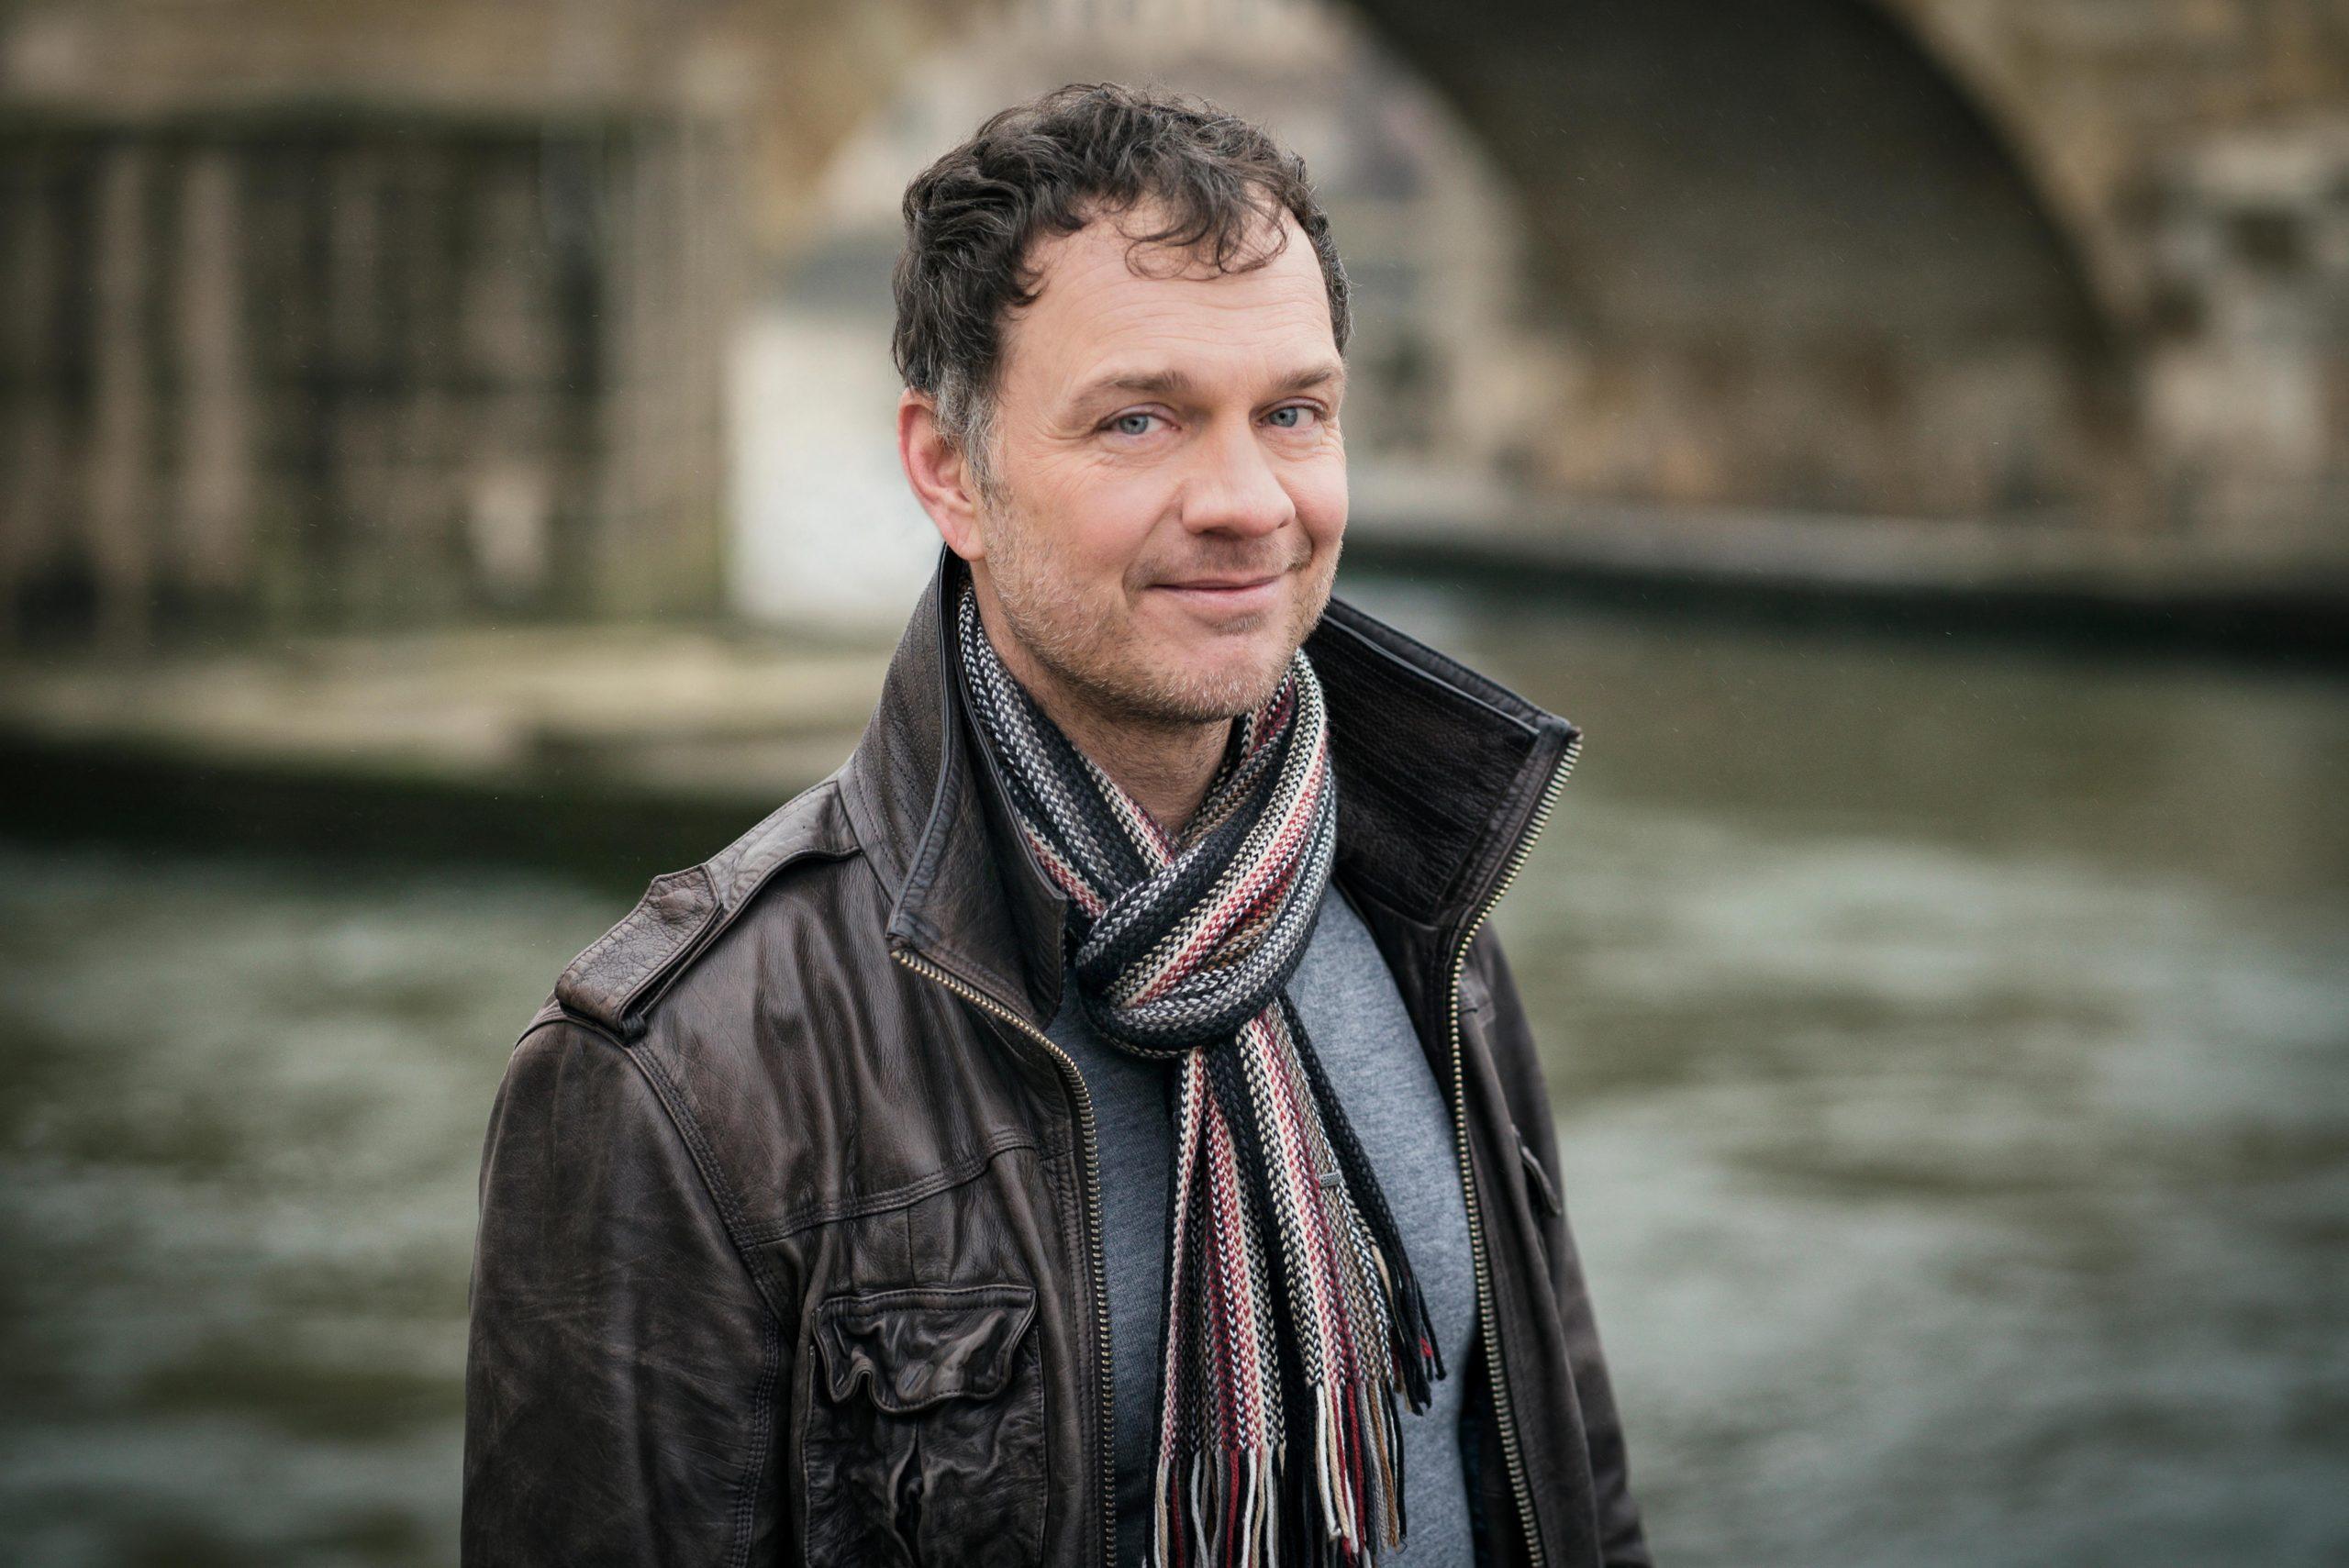 Coronavirus: Wer Angst hat, denkt und handelt unvernünftig Regensburger Neurowissenschaftler Dr. Volker Busch rät zu Besonnenheit